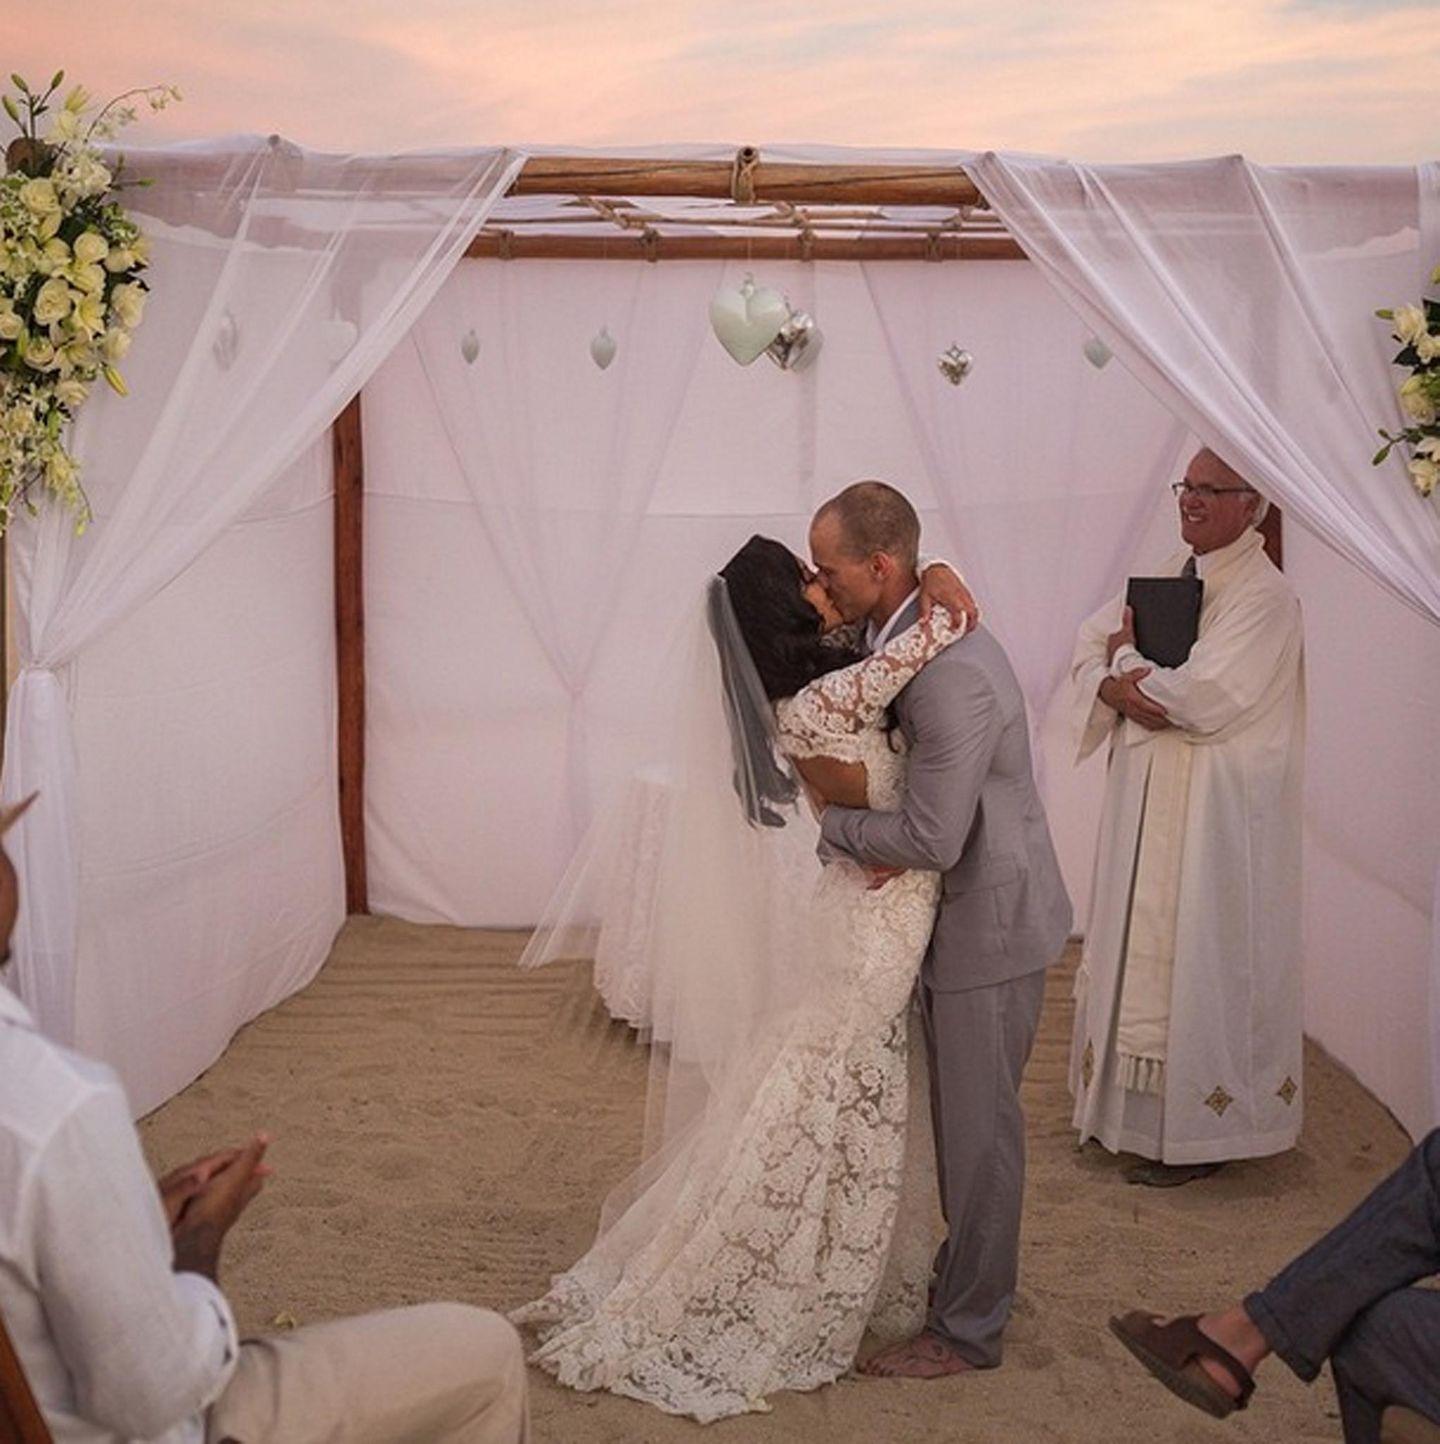 """""""Glee""""-Darstellerin Naya Rivera teilt am Valentinstag ein Foto ihrer Hochzeit mit Ryan Dorsey auf Instagram. Dazu kommentiert sie: """"Fröhlichen Valentinstag für den besten Ehemann der Welt. Ich liebe dich!"""""""